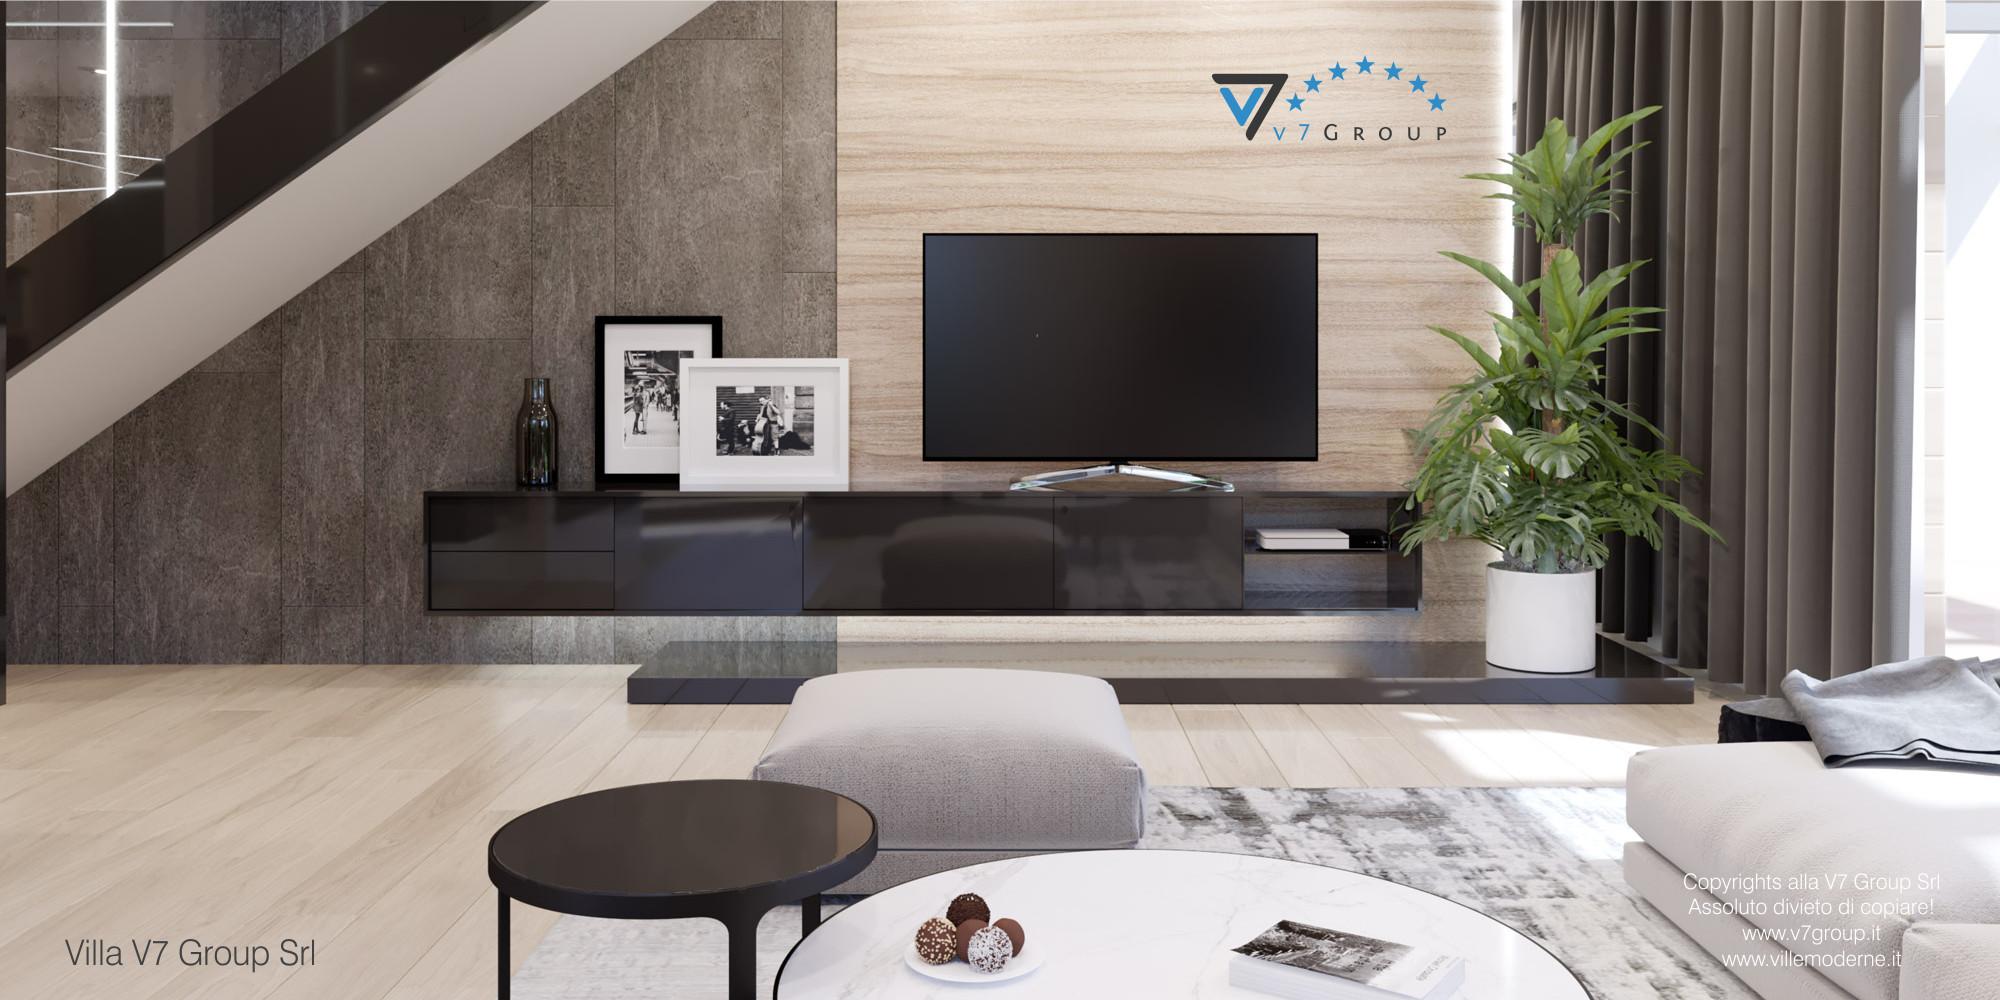 VM Immagine Villa V50 - interno 1 - immagine grande